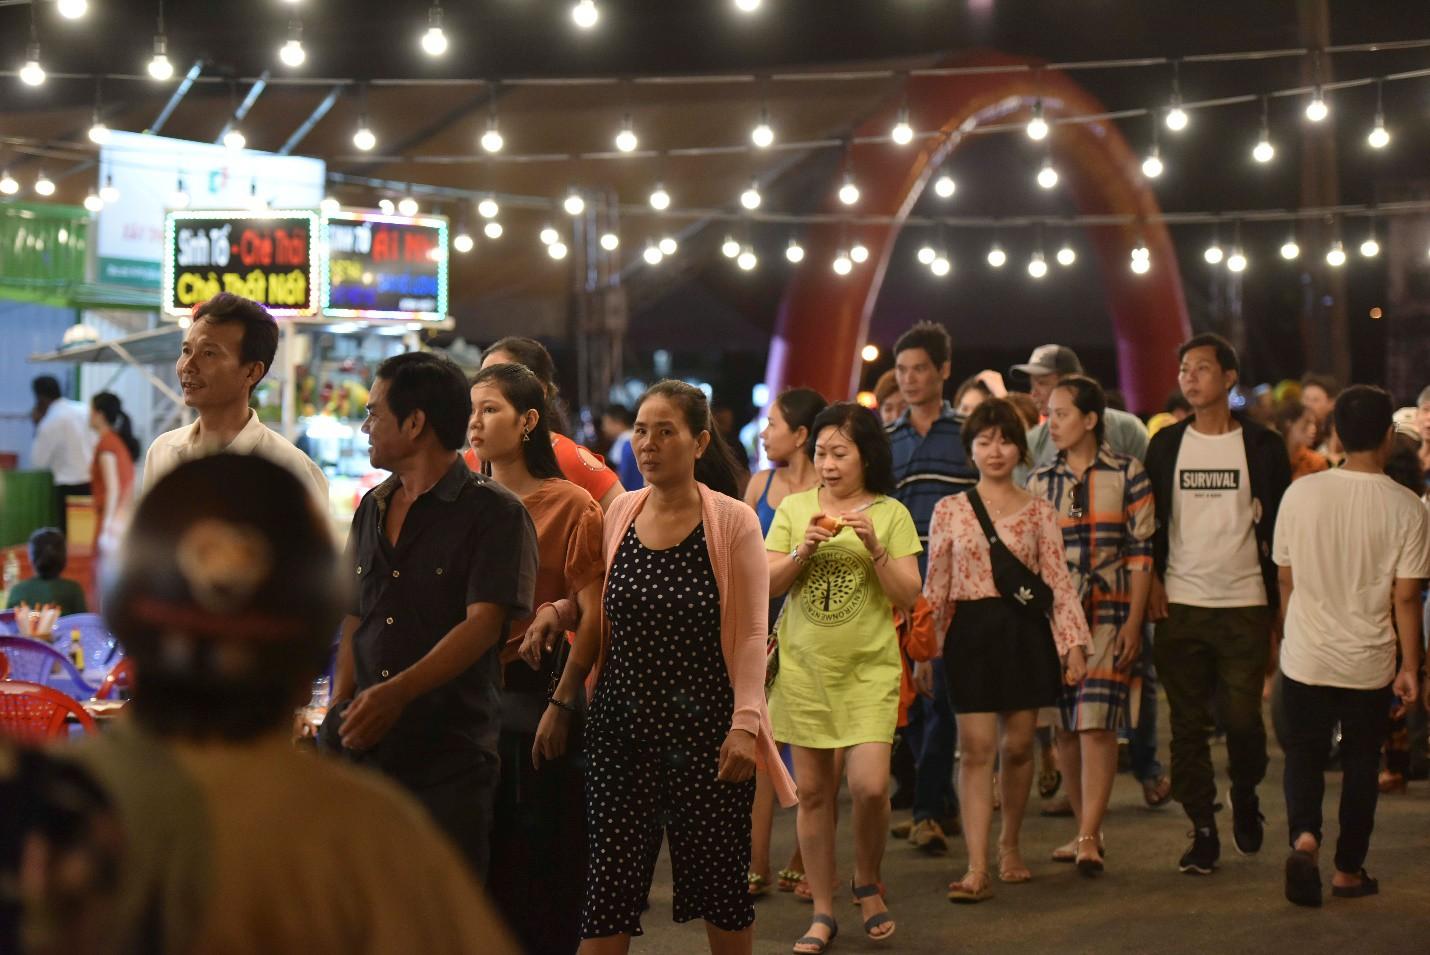 Vừa khai trương, chợ đêm Ha Tien Night Market bất ngờ lọt top điểm đến hấp dẫn phía Nam - Ảnh 6.